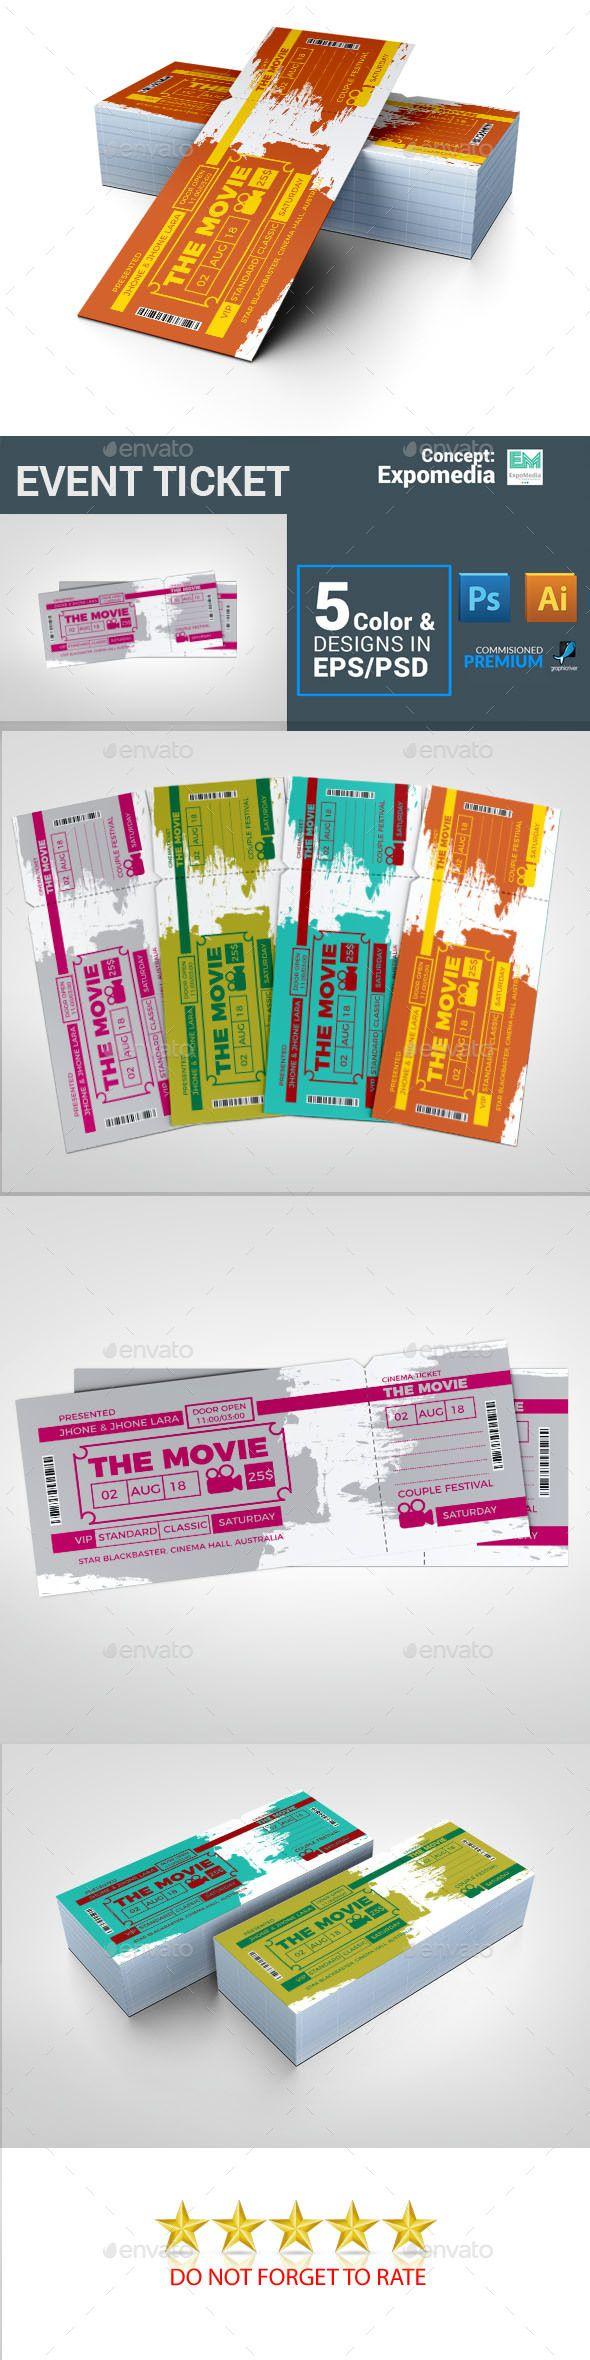 Cinema Ticket Movie Ticket Event Ticket Pinterest Cinema Ticket